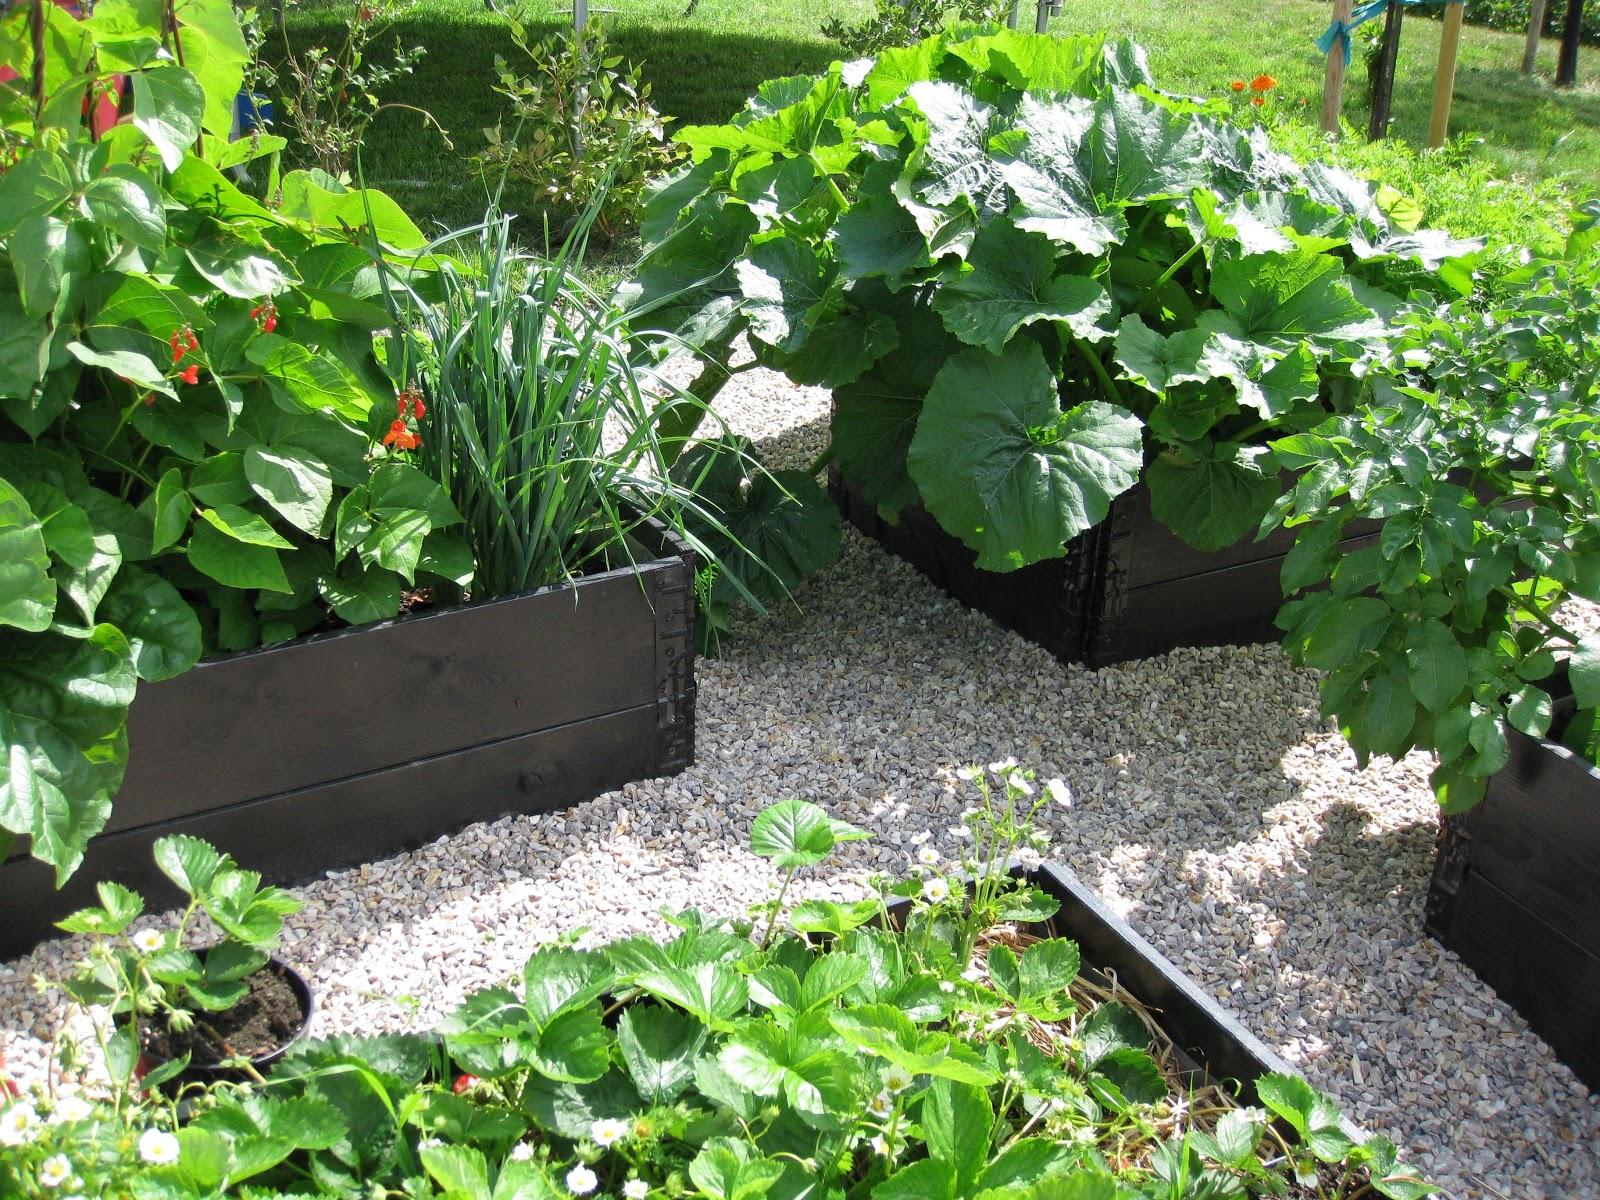 Trädgård Grus : Trädgård och design för alla vår köksträdgård